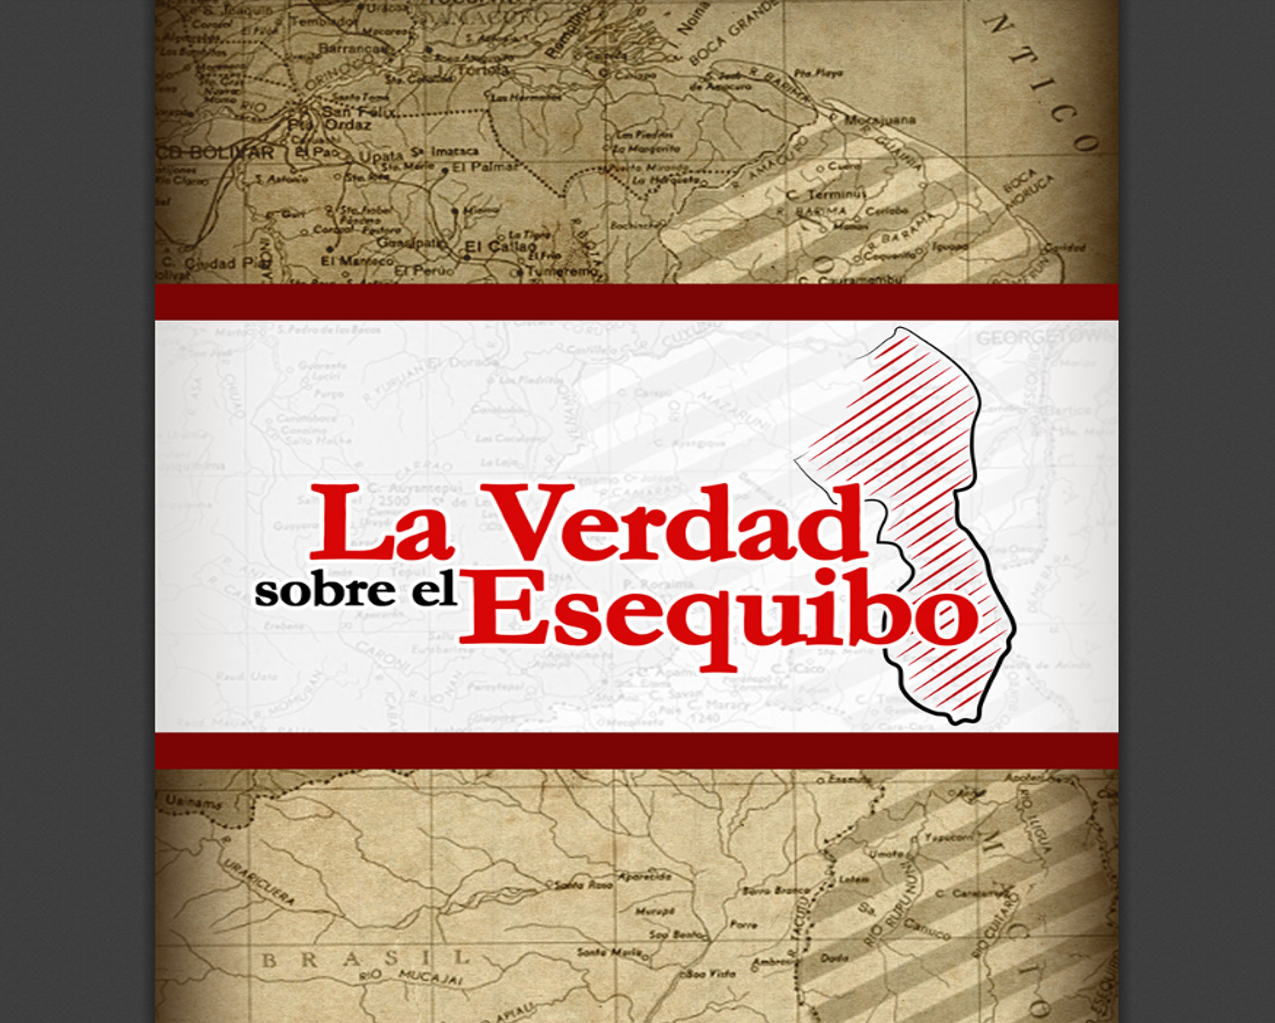 LA VERDAD SOBRE EL ESEQUIBO